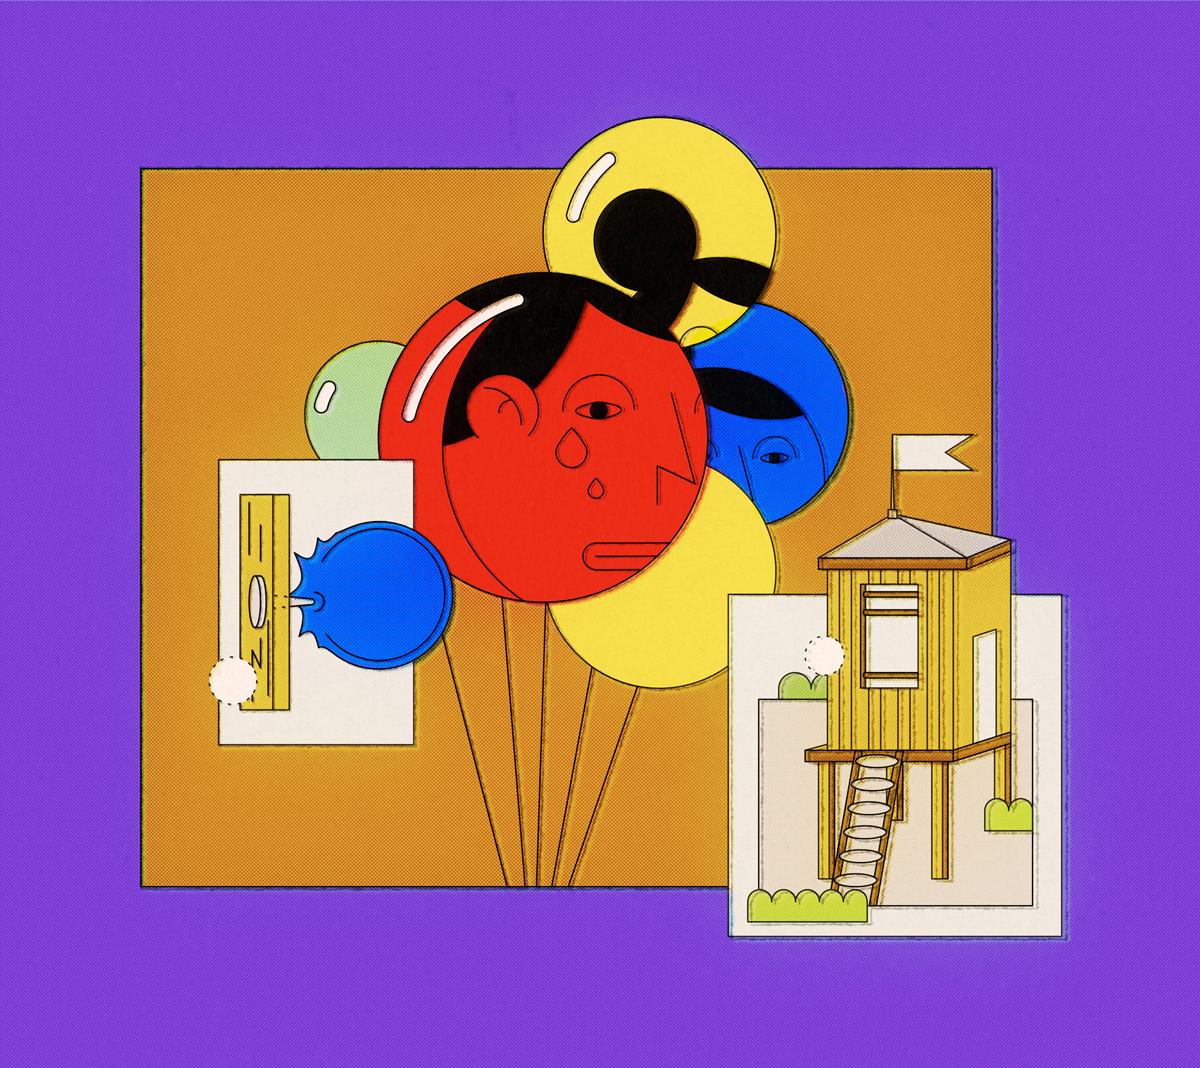 Balloons byRafał Kwiczor.